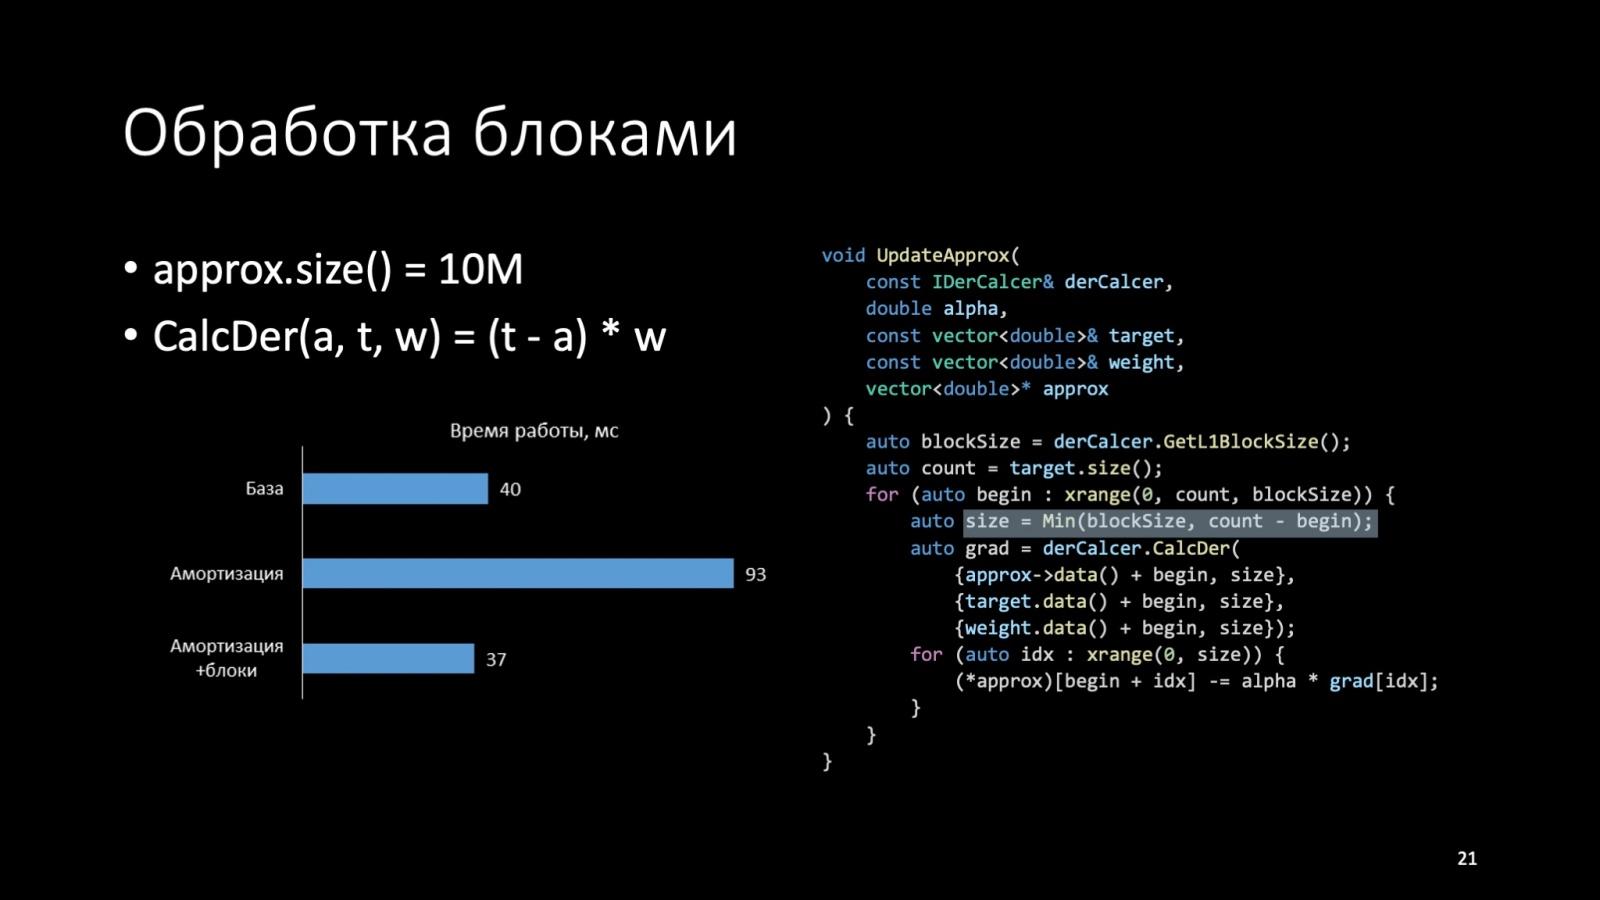 Оптимизация C++: совмещаем скорость и высокий уровень. Доклад Яндекса - 21